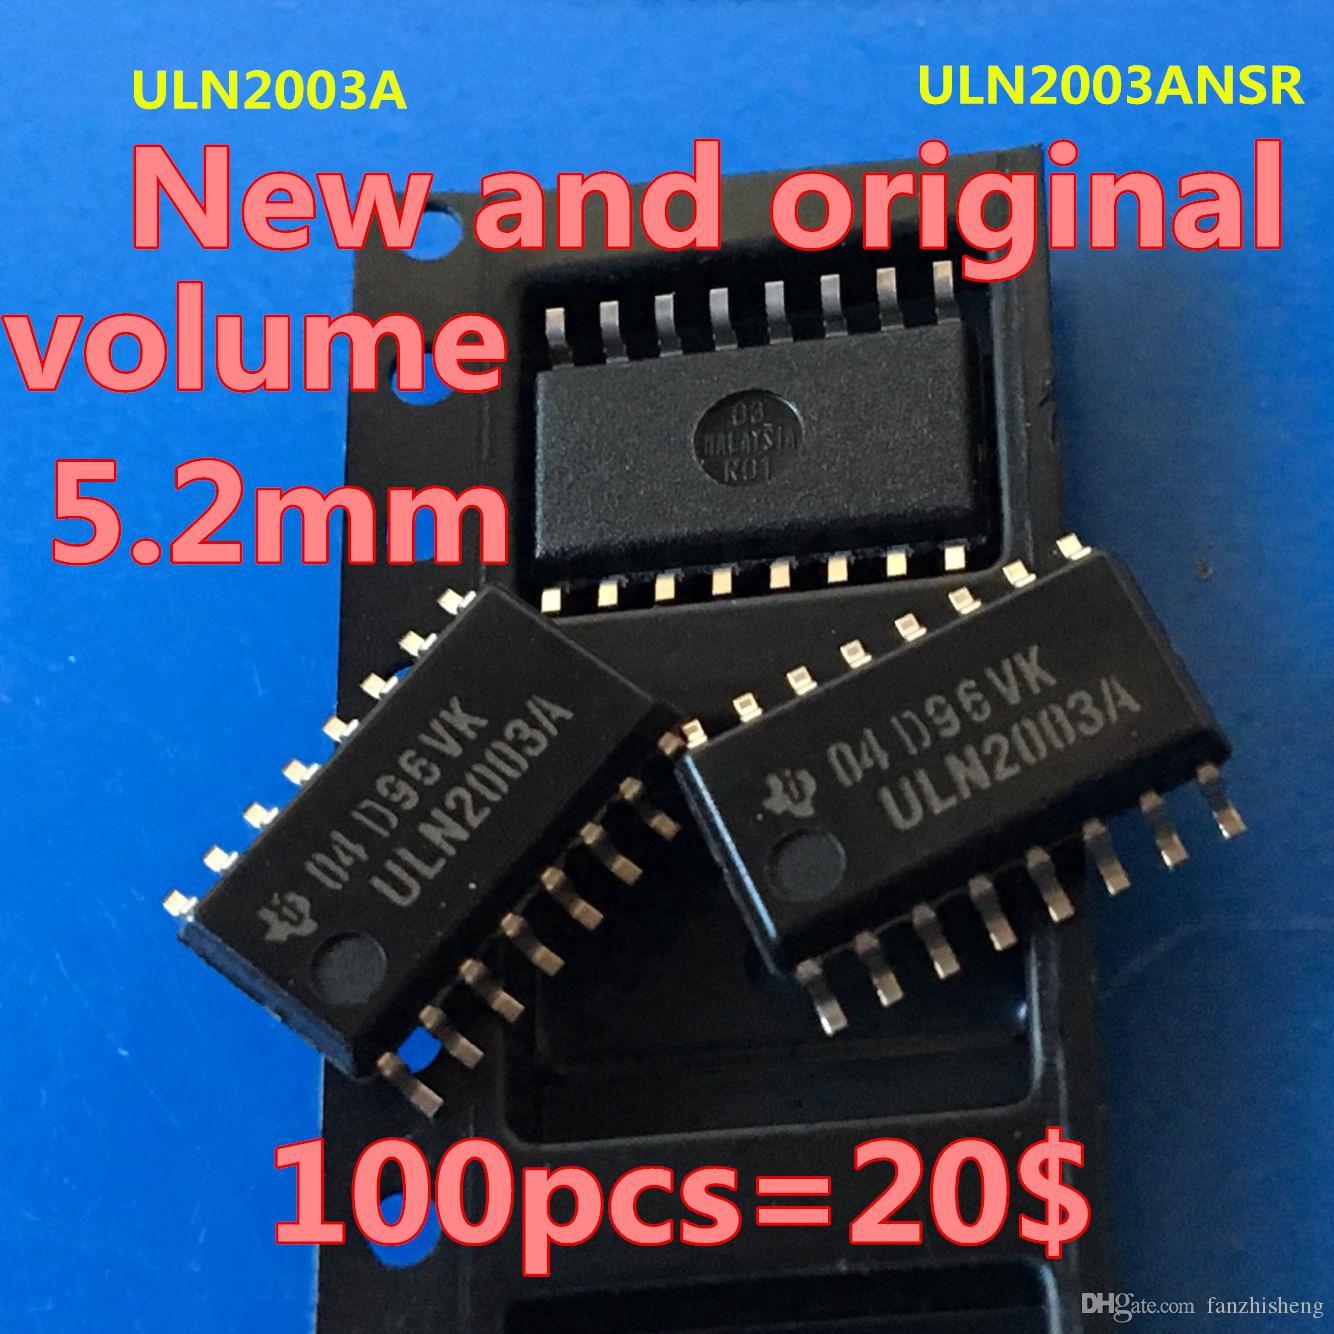 100PCS neues und ursprüngliches SOP16 ULN2003A ULN2003ANSR Volumen 5.22mm Der Ursprung eines Produktes ist Malaysia